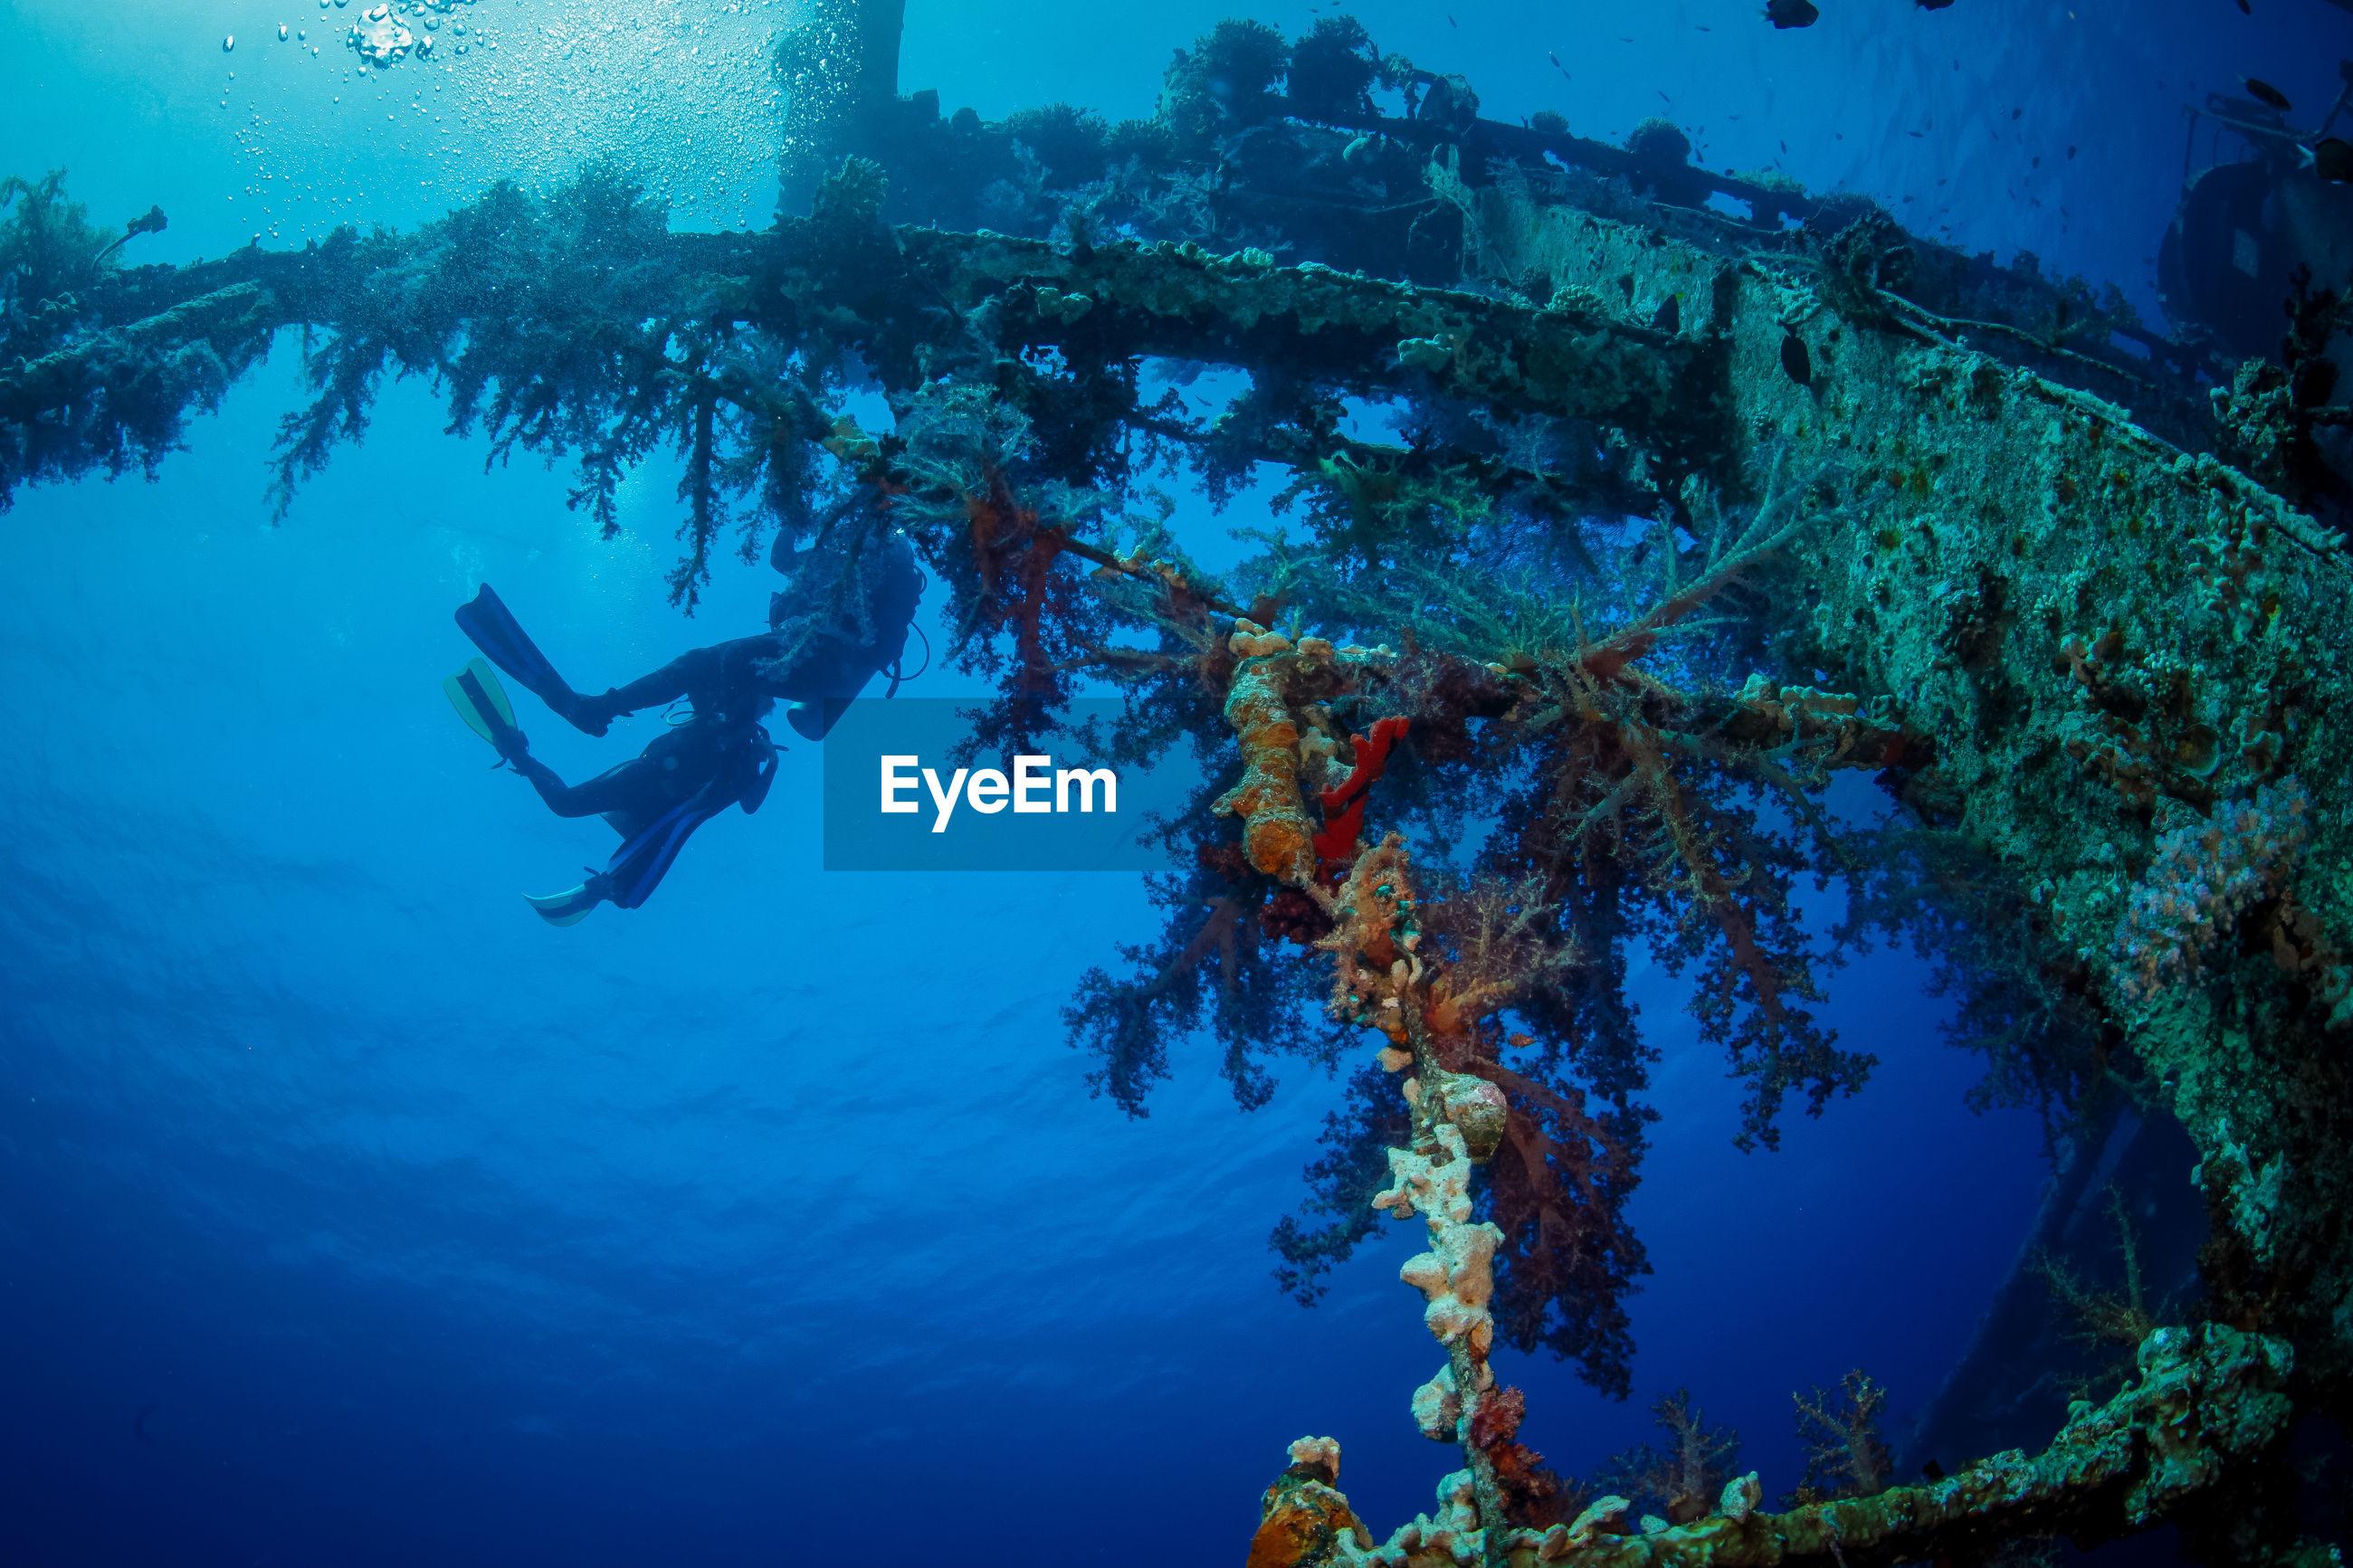 Person scuba diving by cedar pride shipwreck in sea